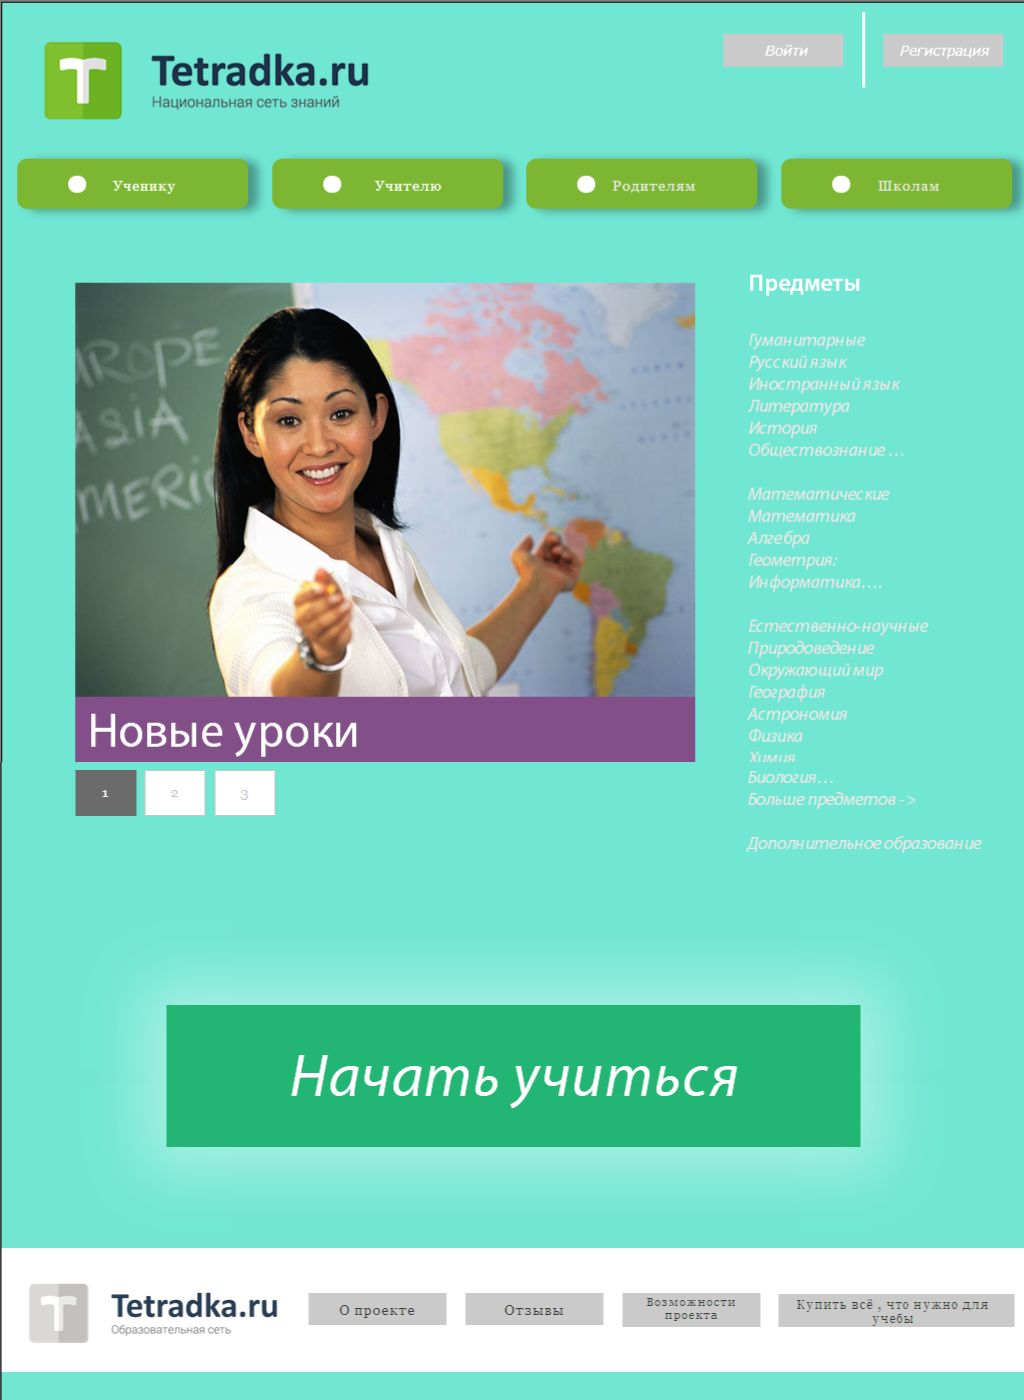 Главная страница образовательной сети tetradka.ru - дизайнер Victor_Dmitriev